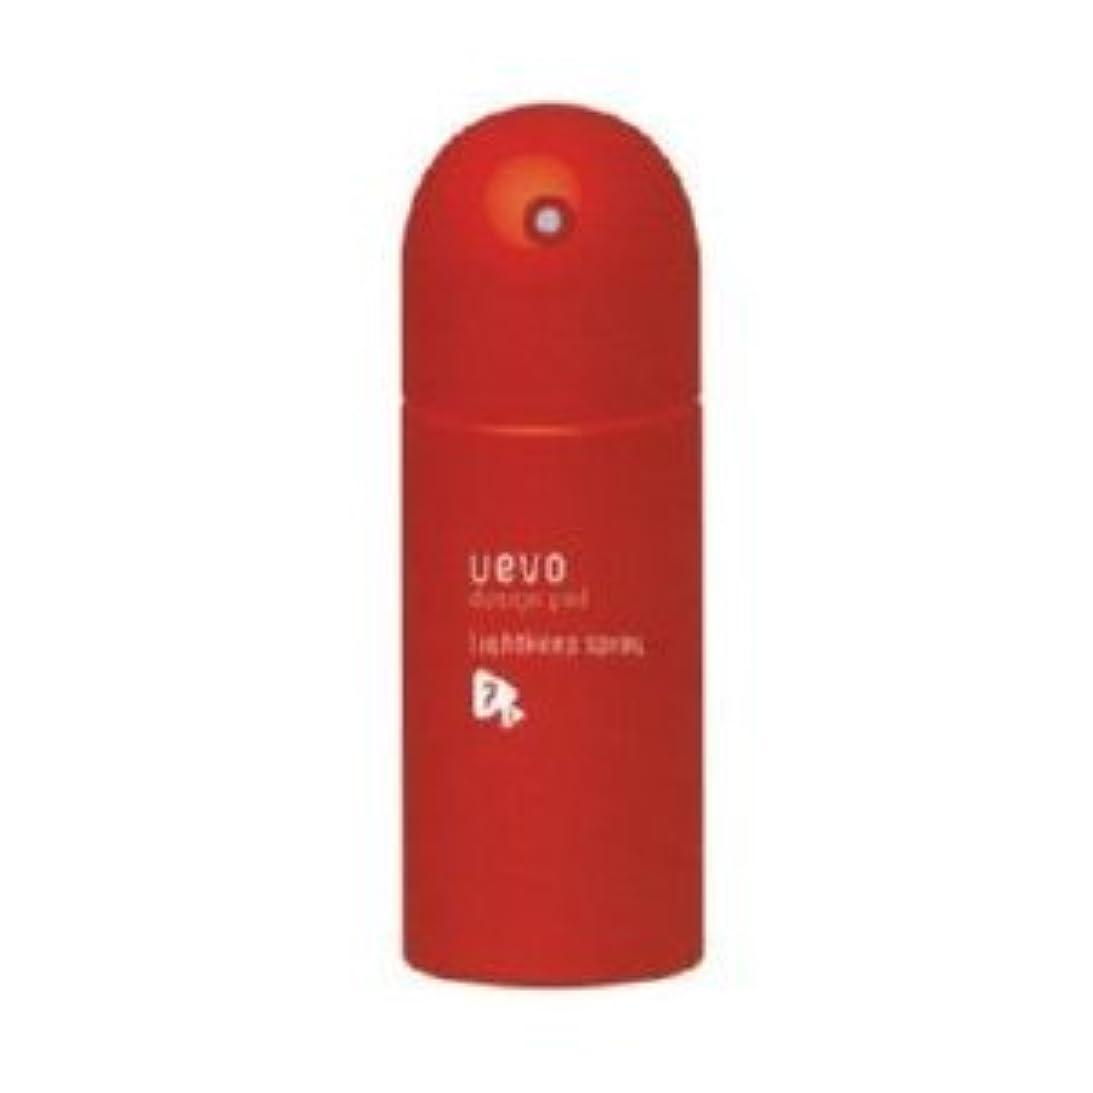 スタジオ聖職者よろしく【X5個セット】 デミ ウェーボ デザインポッド ライトキープスプレー 220ml lightkeep spray DEMI uevo design pod